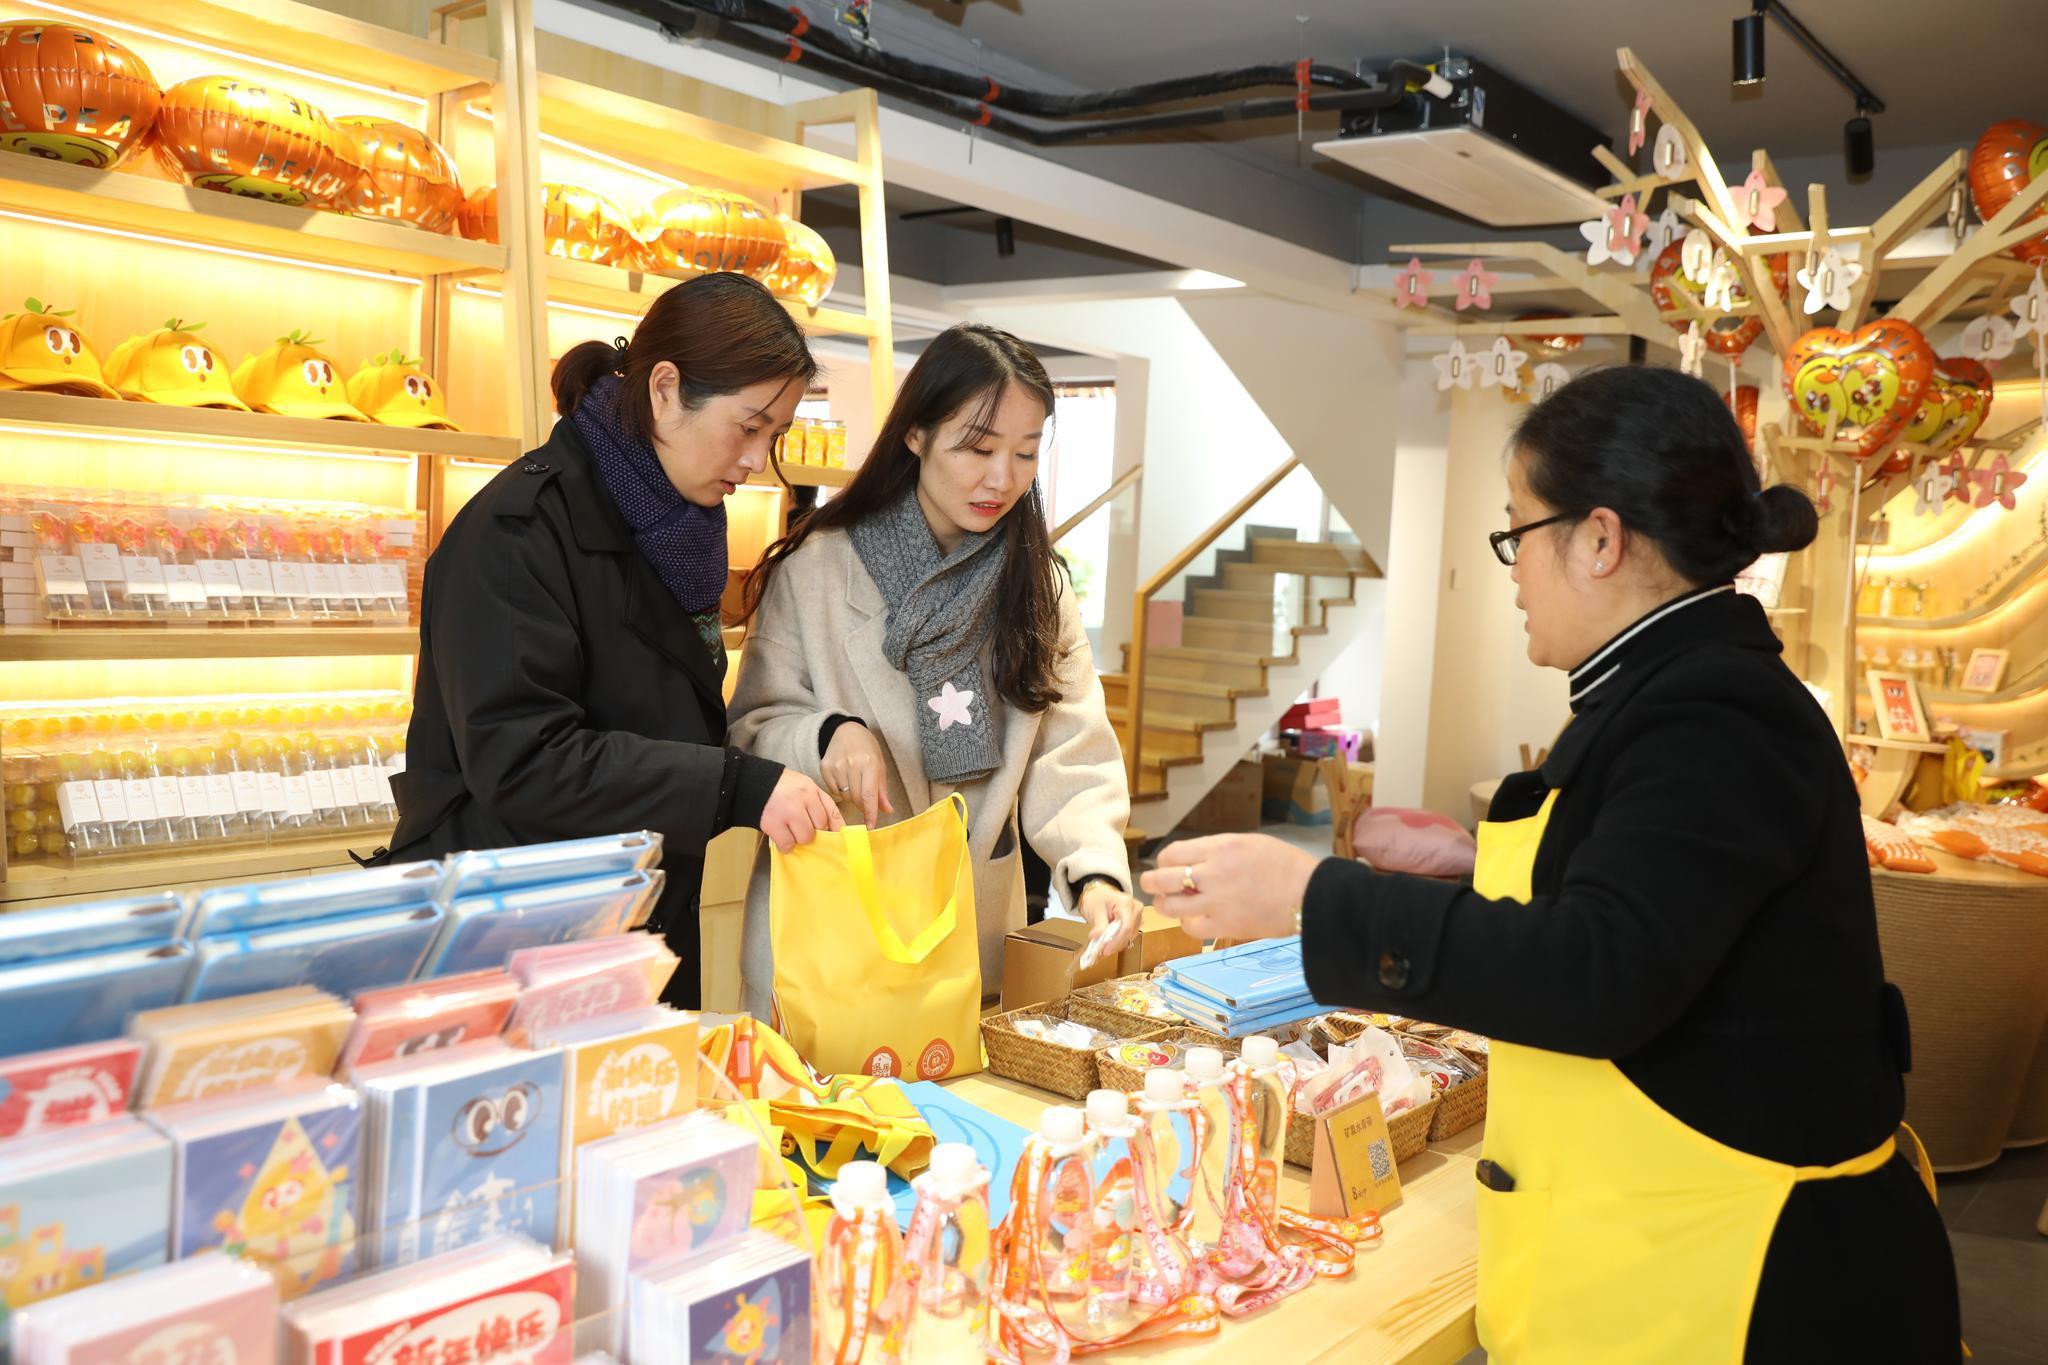 奉贤黄桃做成汽水、啤酒、洁面皂、指甲油……上海地产水果不止是水果